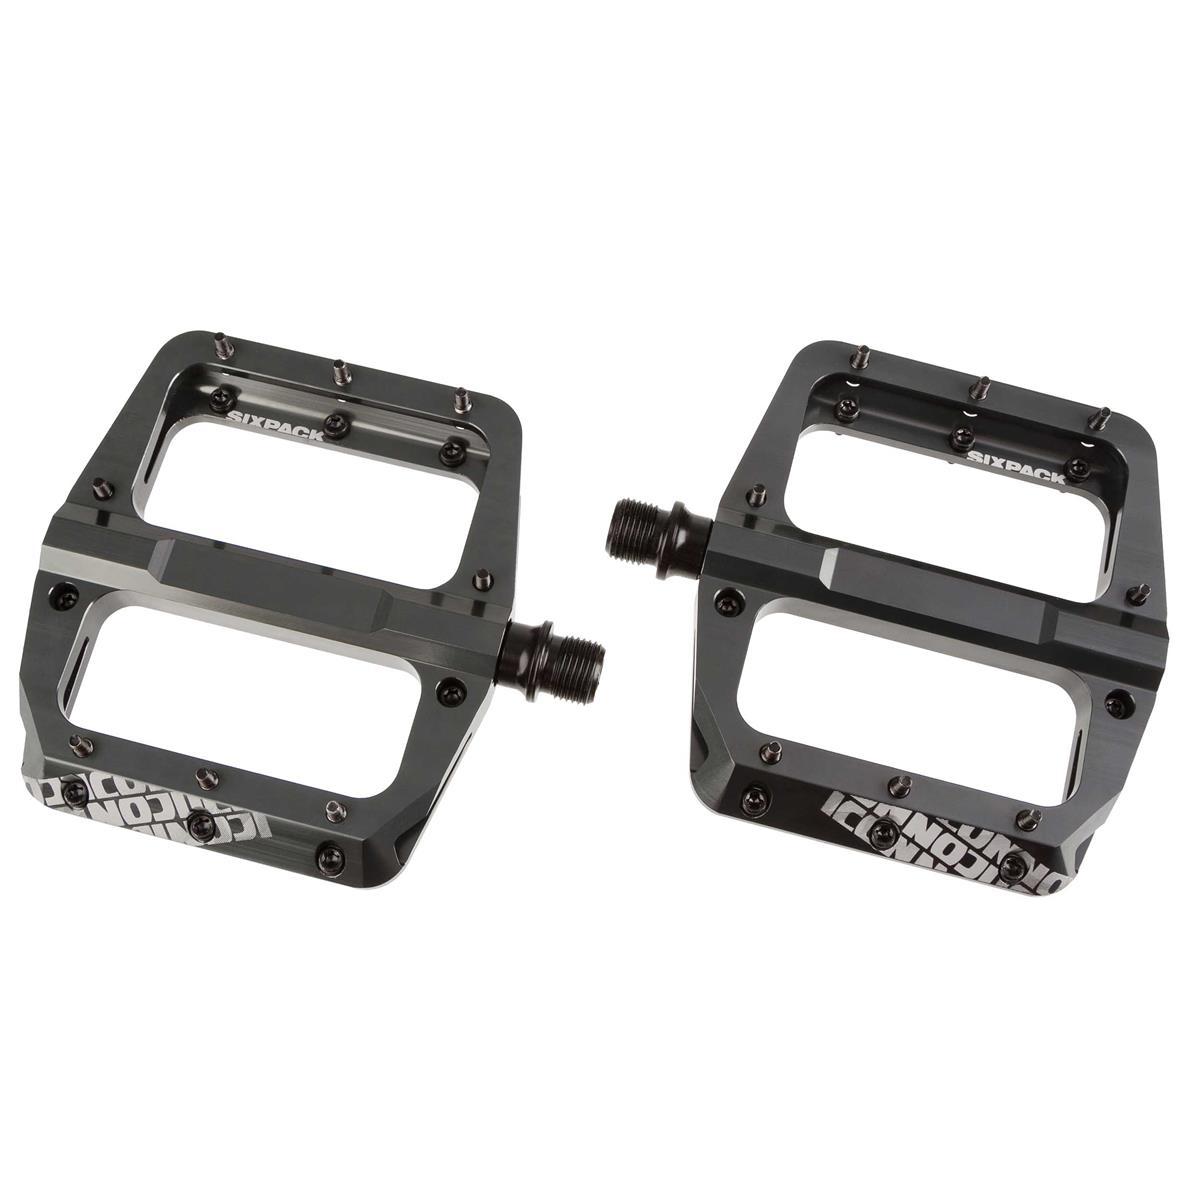 Sixpack Plattform-Pedal Icon 2.0 Grau, 100x110 mm, 32 M4 Torx Pins, 1 Paar